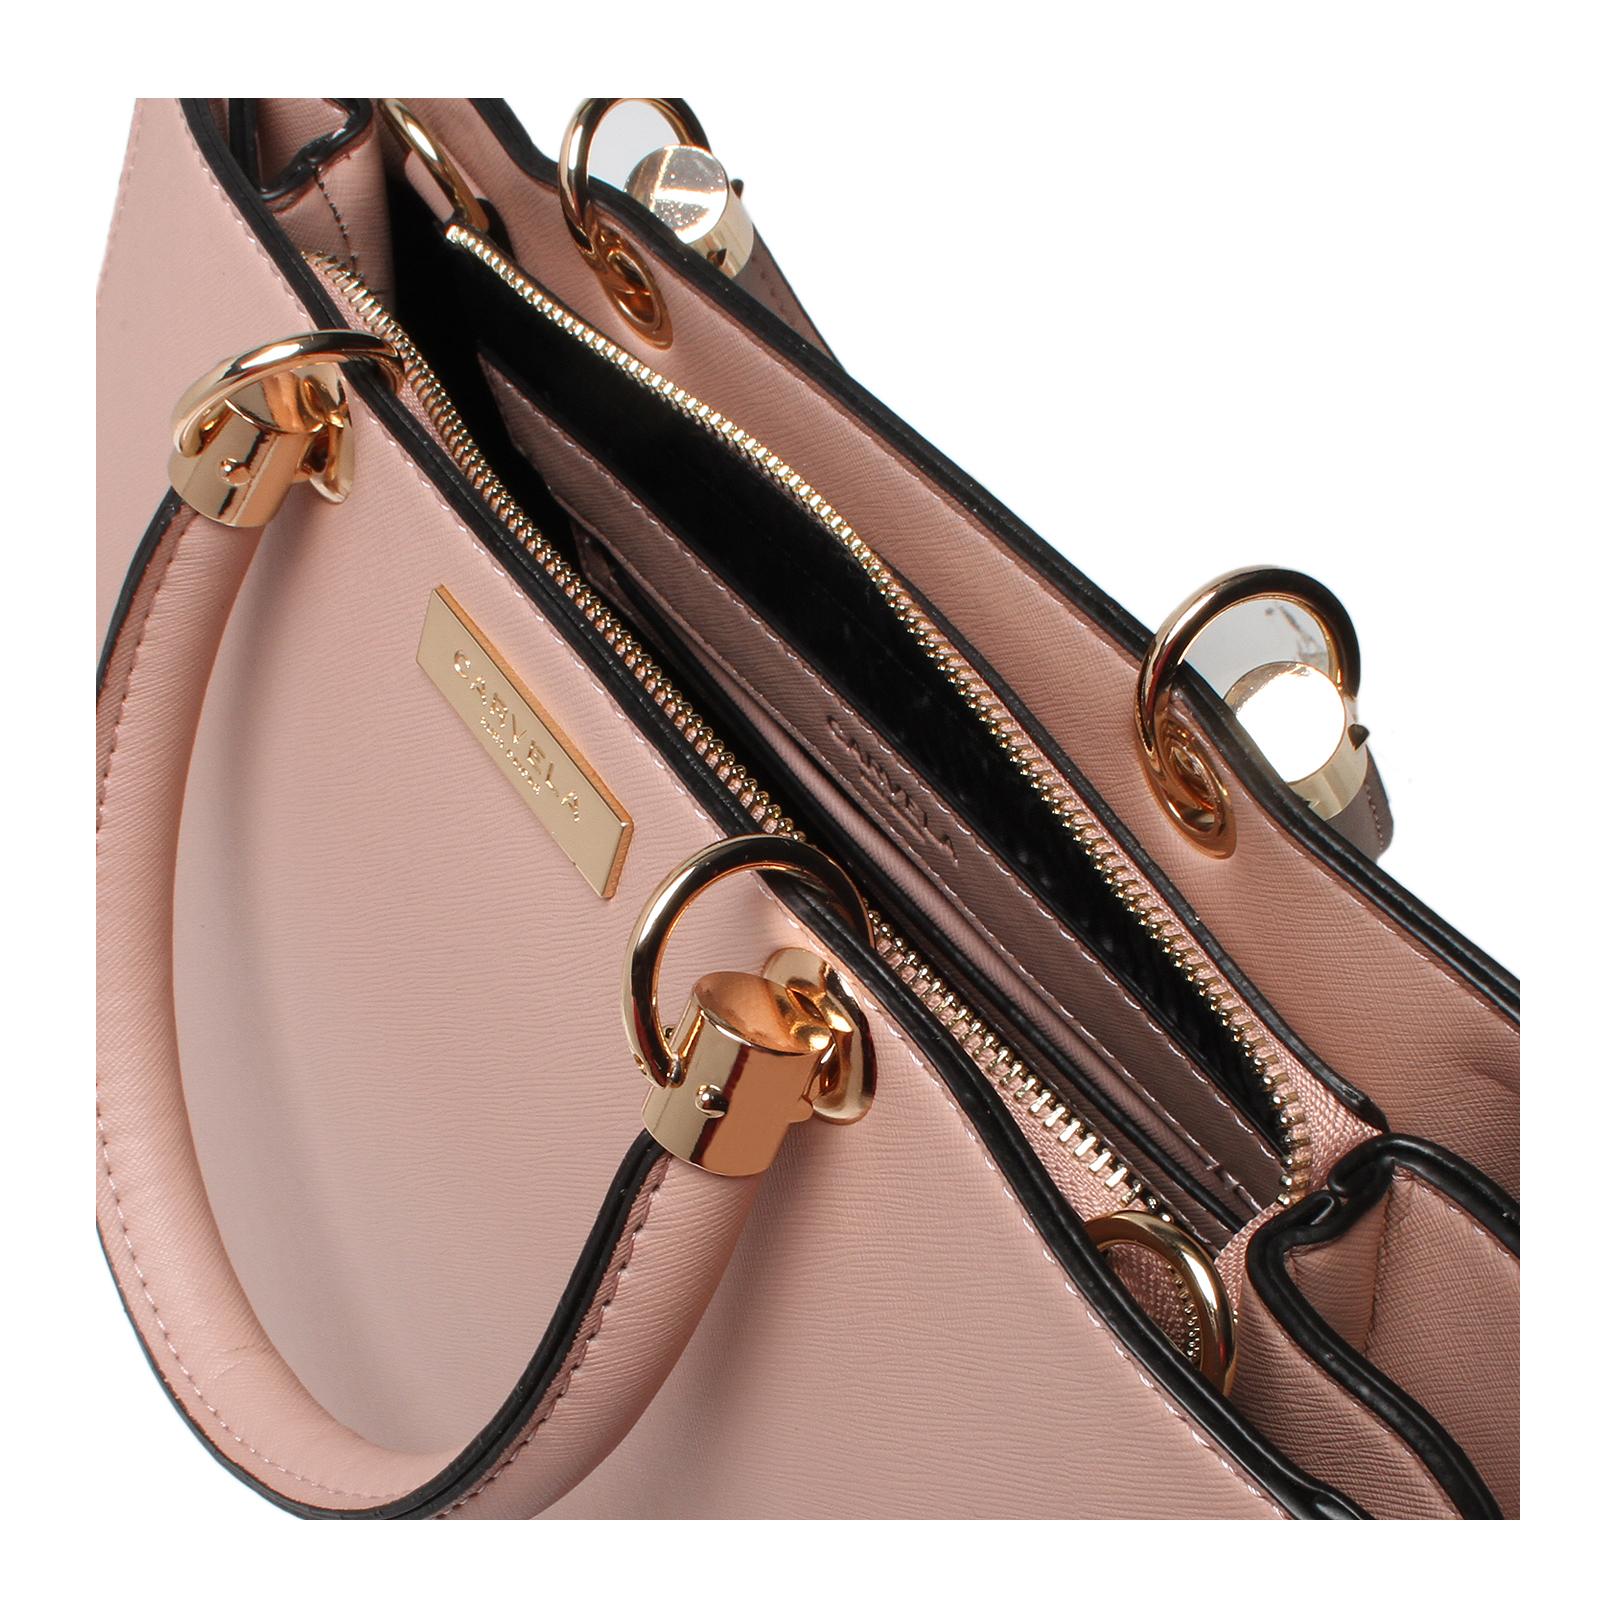 Carvela Kurt Geiger Darla Structured Tote Bag Pink